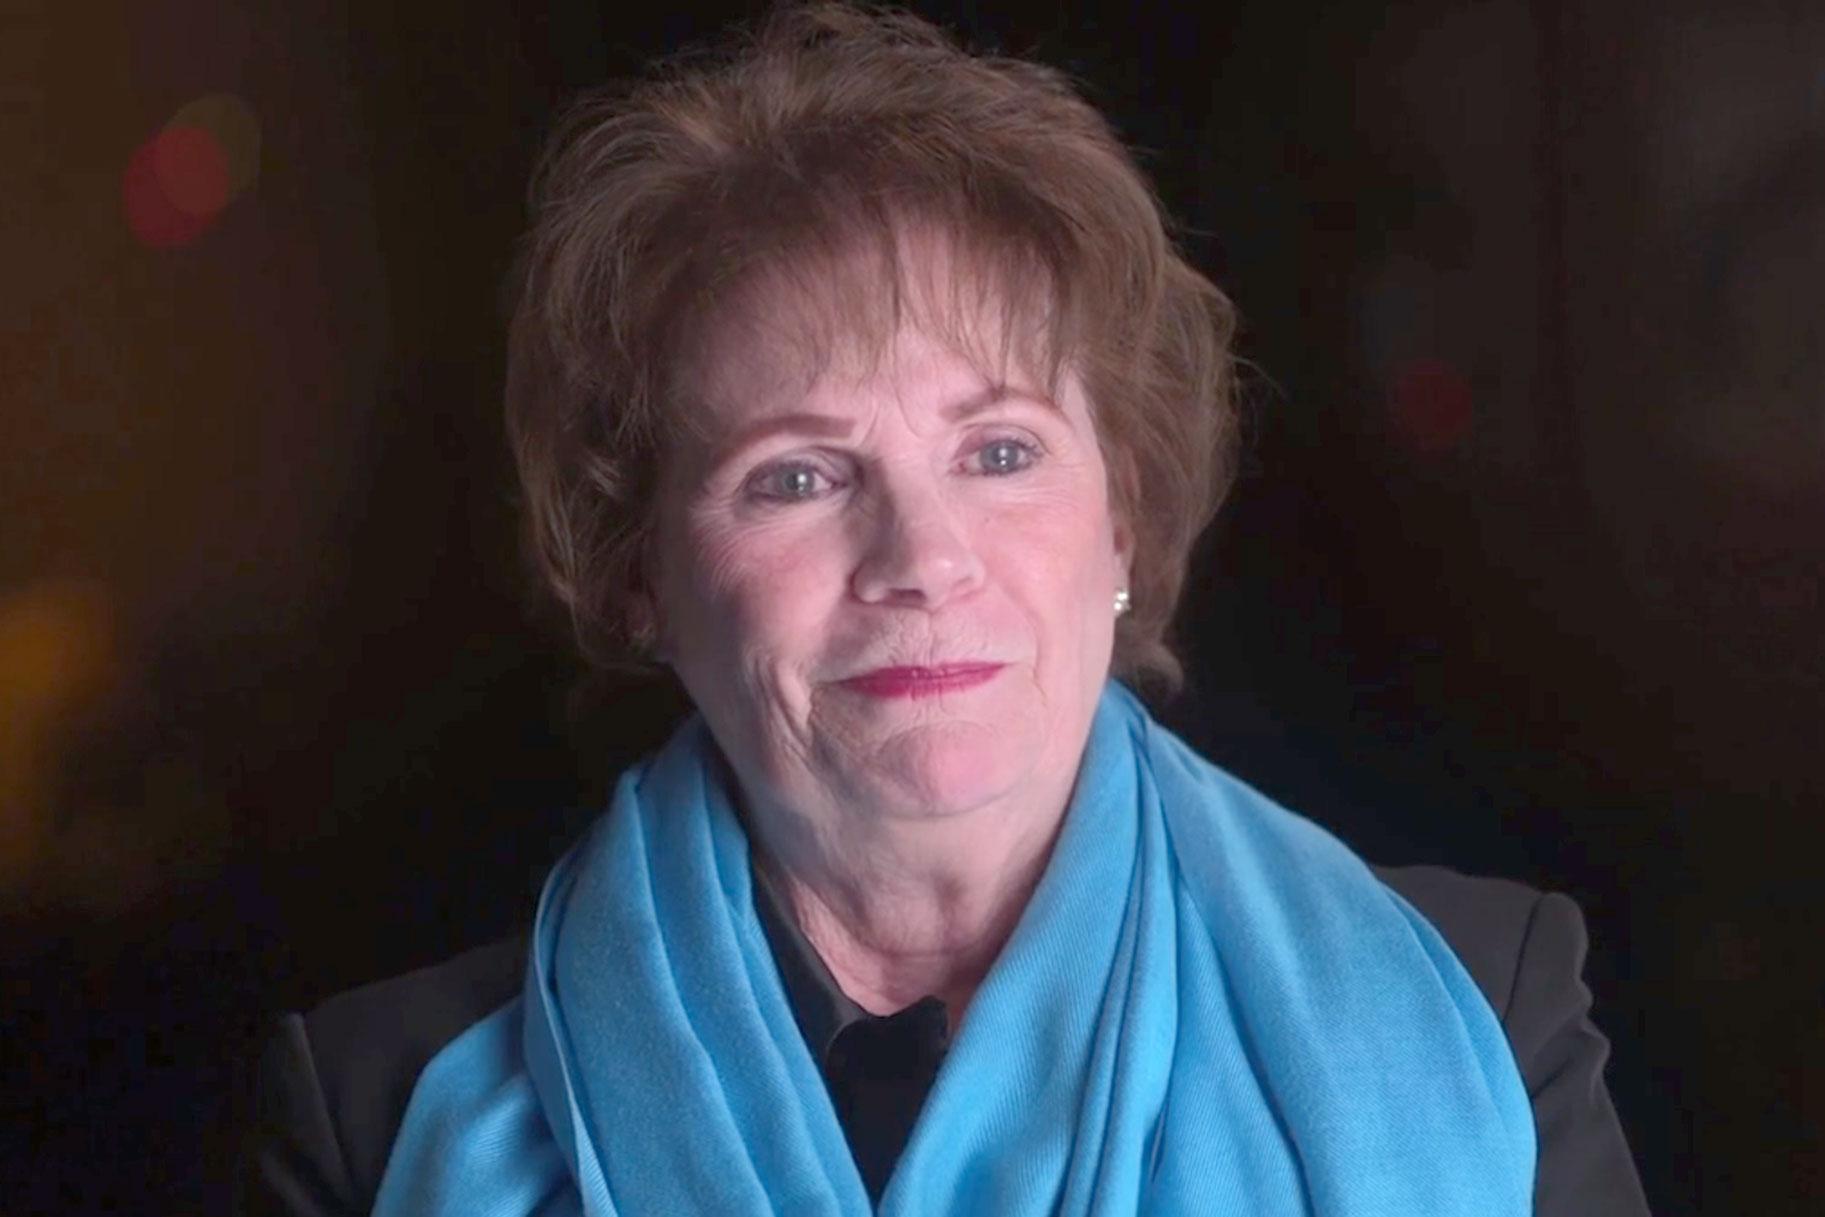 Johnny Pattoni õde nägi probleeme enne, kui Catherine Slatkini afäär surmavaks muutus